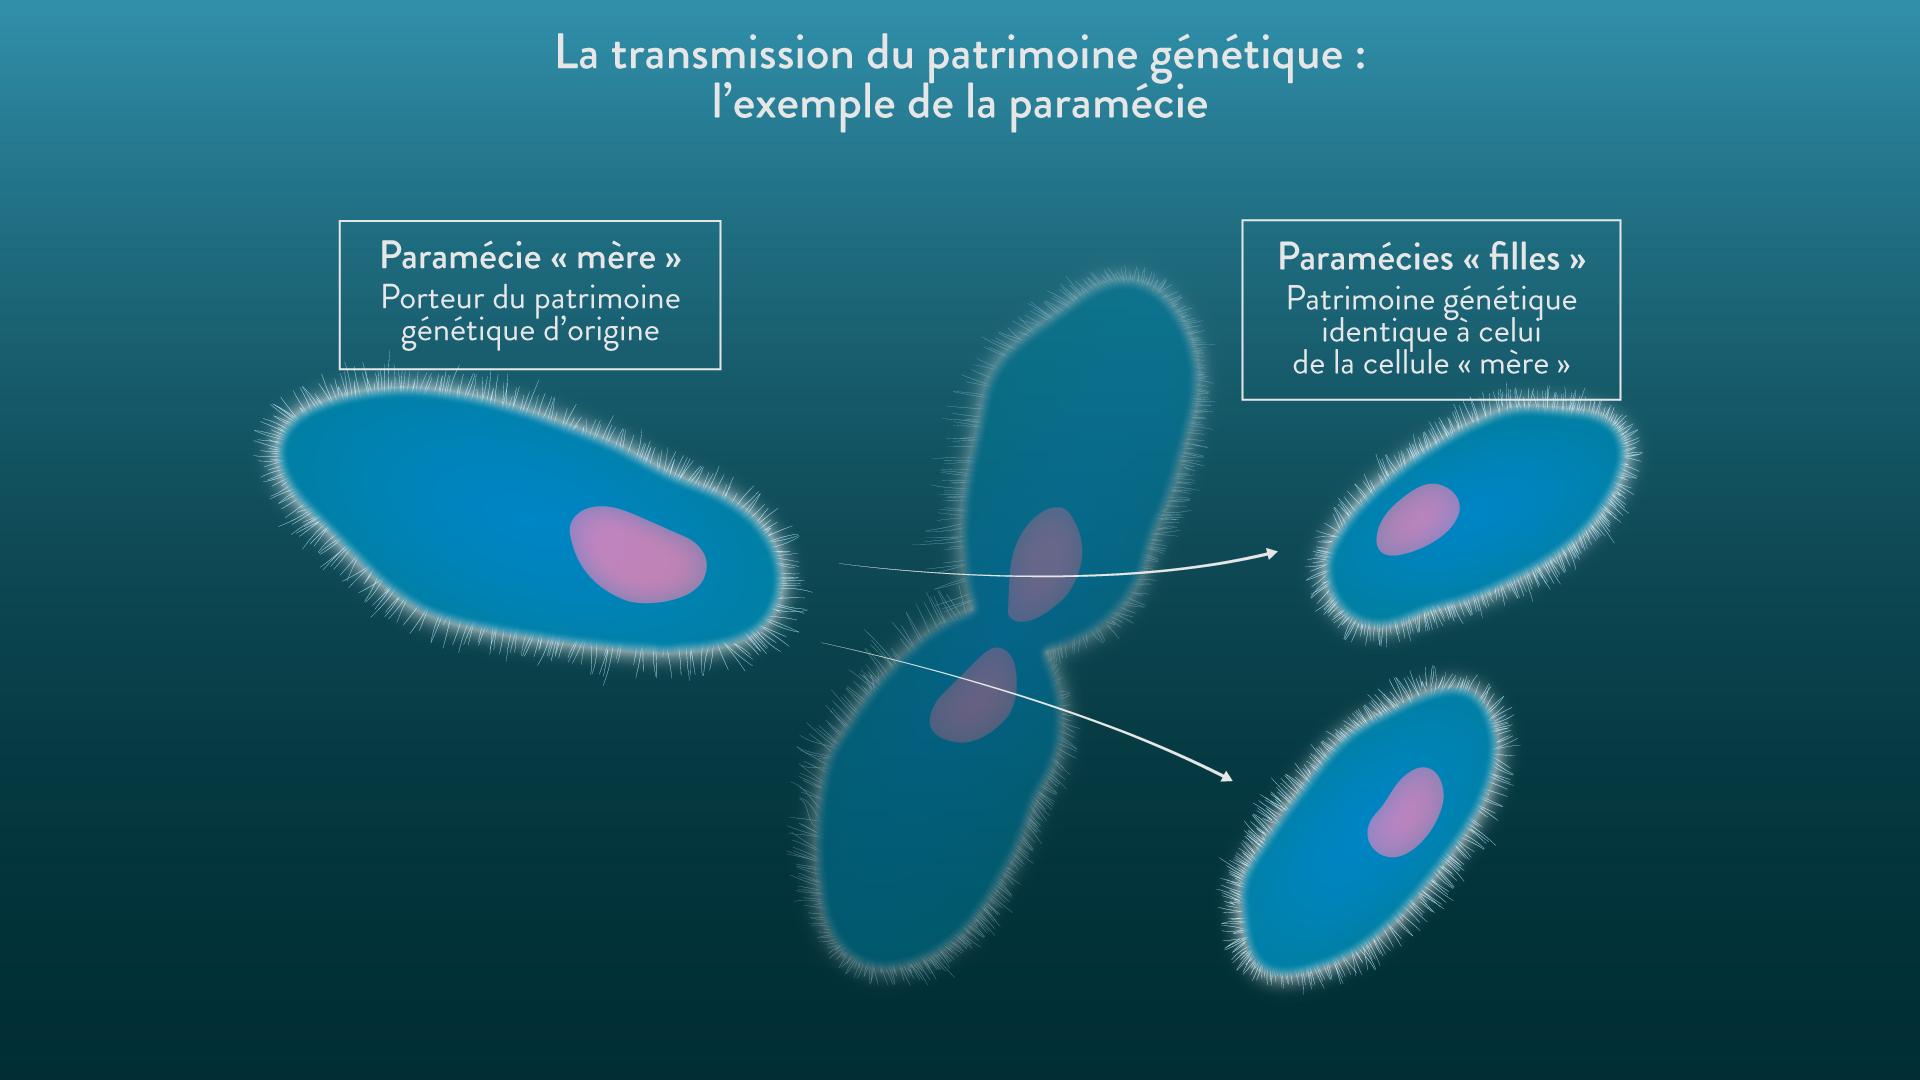 La transmission du patrimoine génétique par la reproduction asexuée